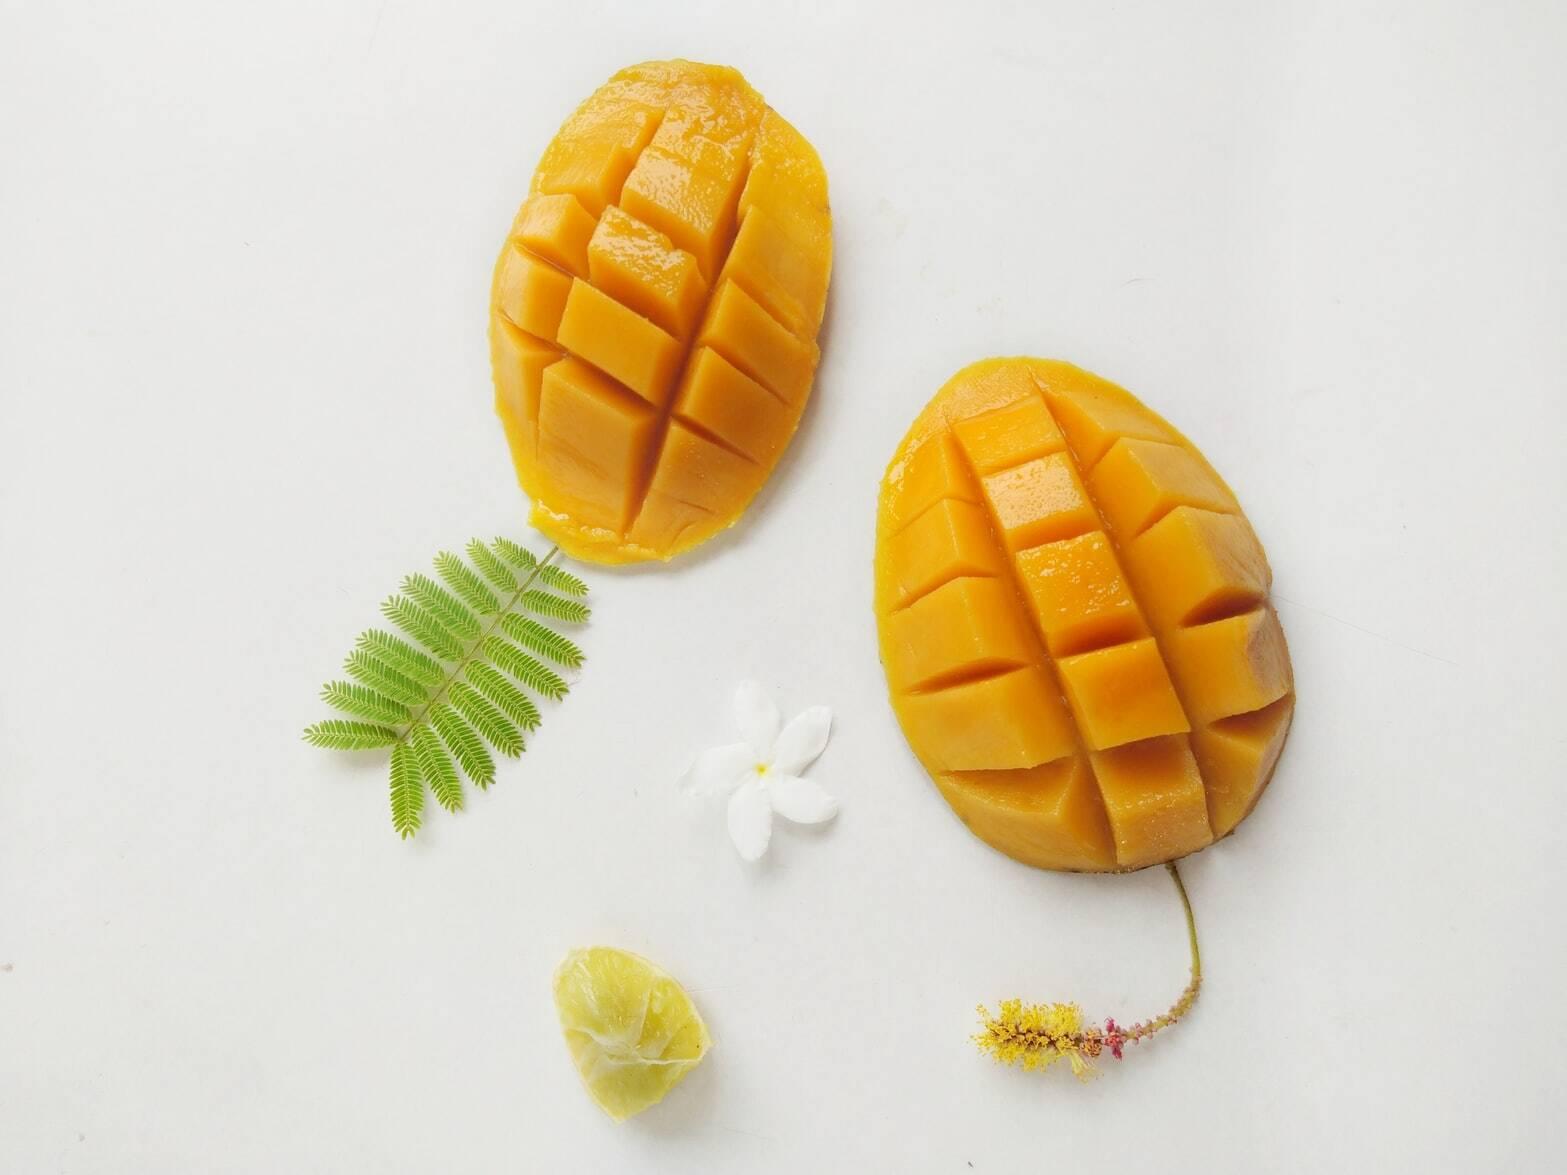 Pique as mangas e as bananas, coloque-as no liquidificador com o coco fresco ralado e bata bem. (Foto: Pexels)